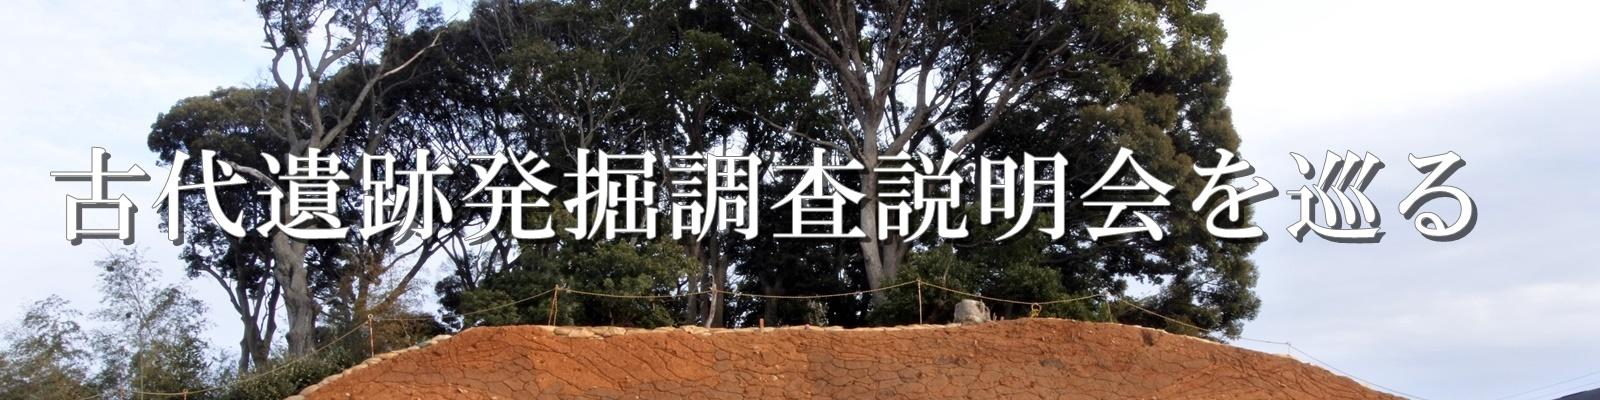 古代遺跡発掘調査説明会を巡る